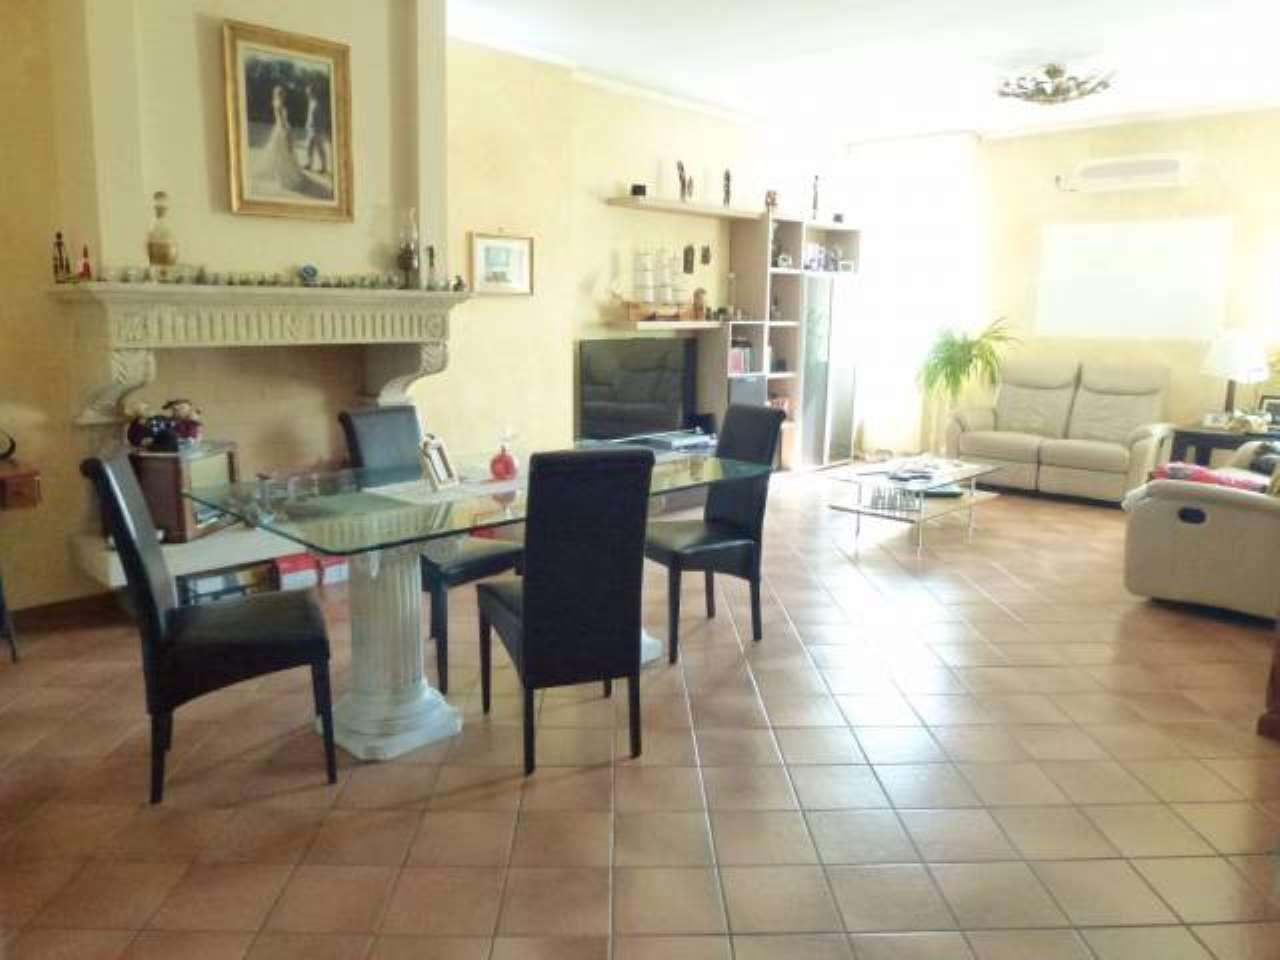 Soluzione Indipendente in vendita a Caresana, 4 locali, prezzo € 149.000 | CambioCasa.it